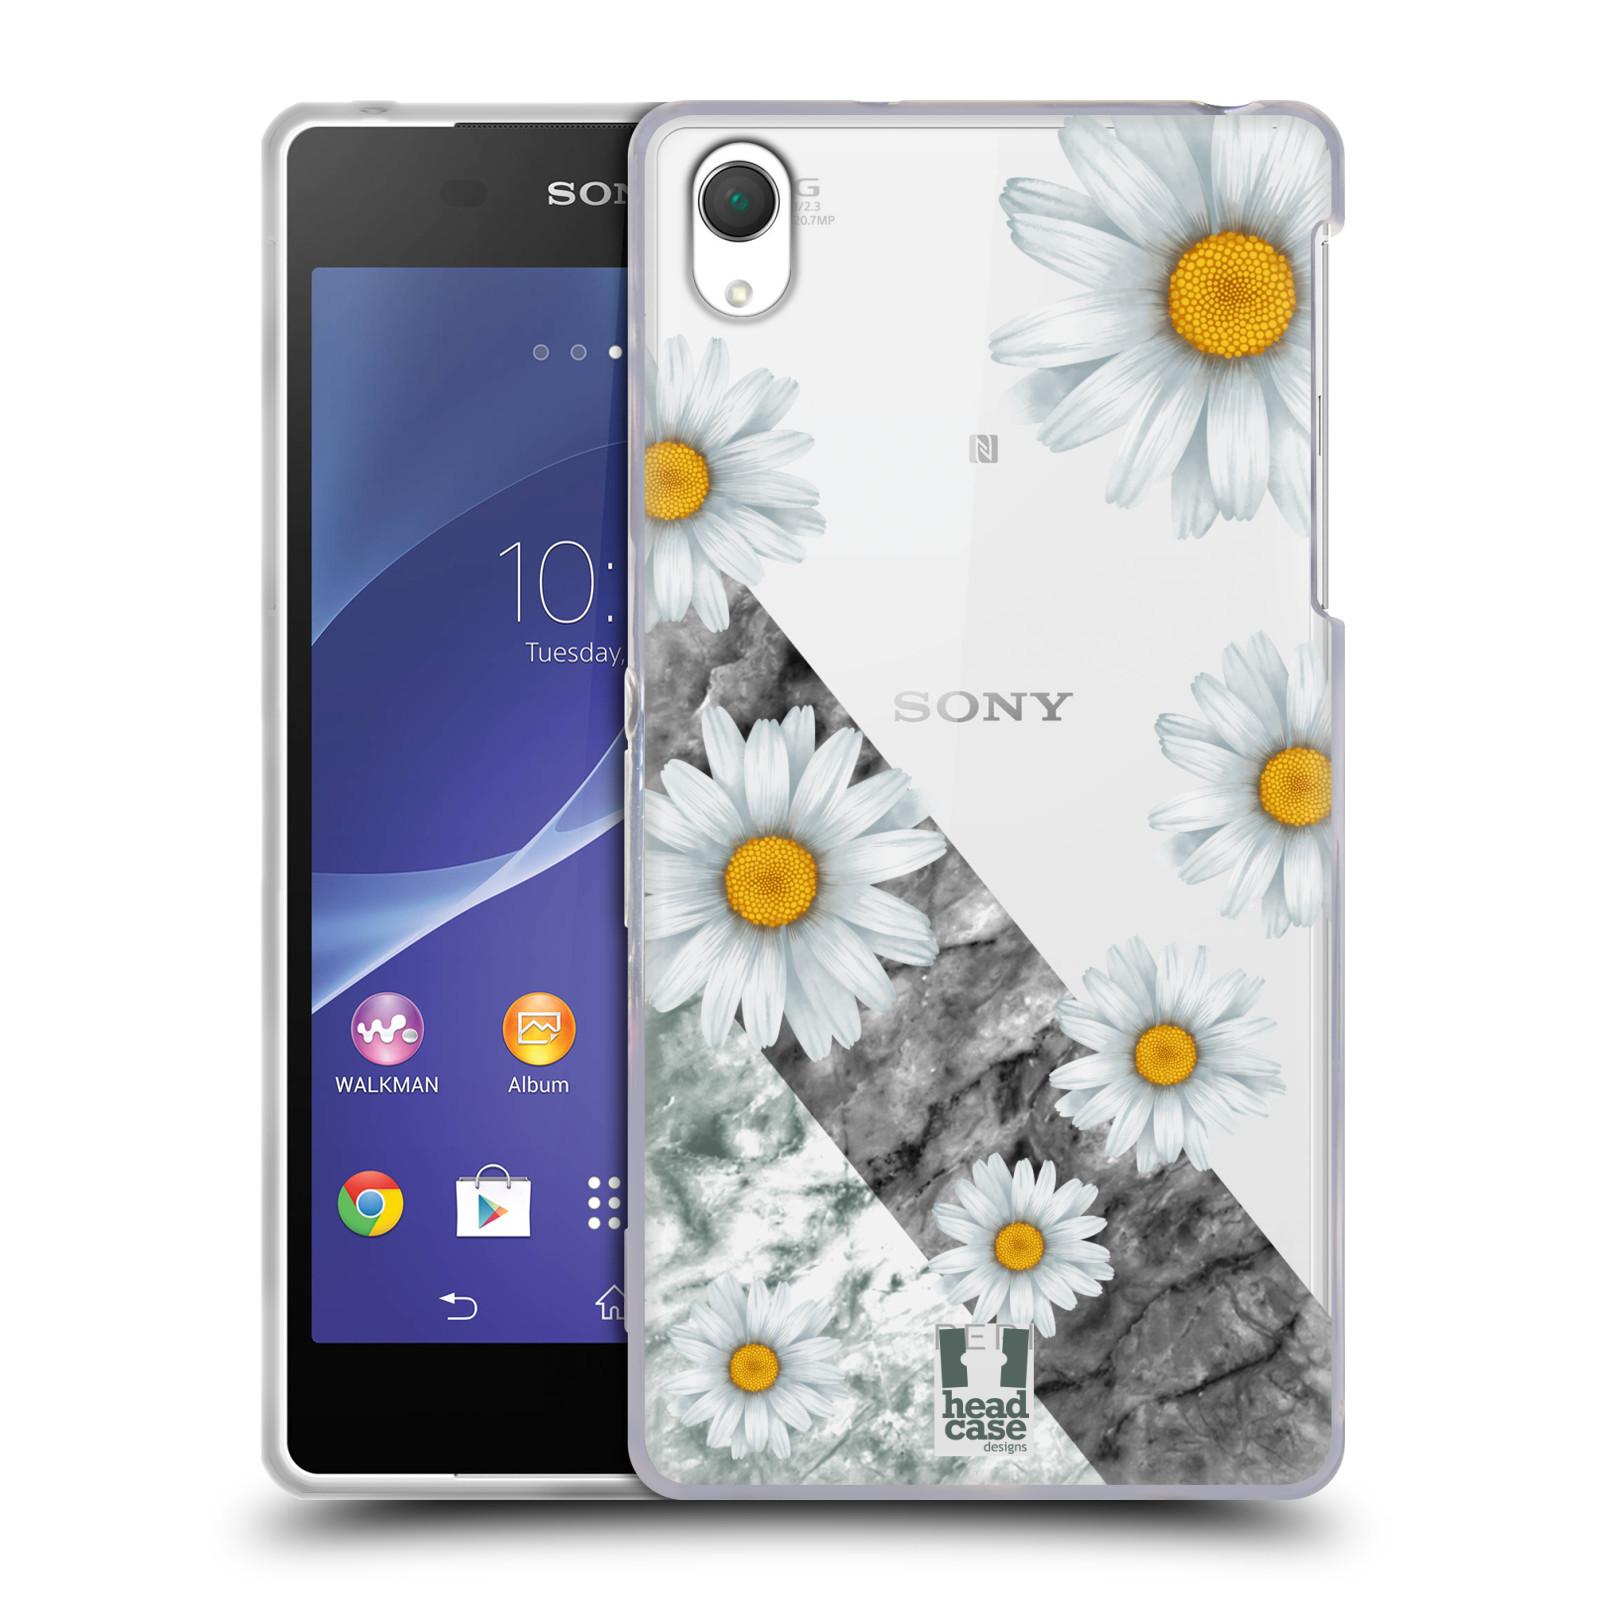 Silikonové pouzdro na mobil Sony Xperia Z2 D6503 - Head Case - Kopretiny a mramor